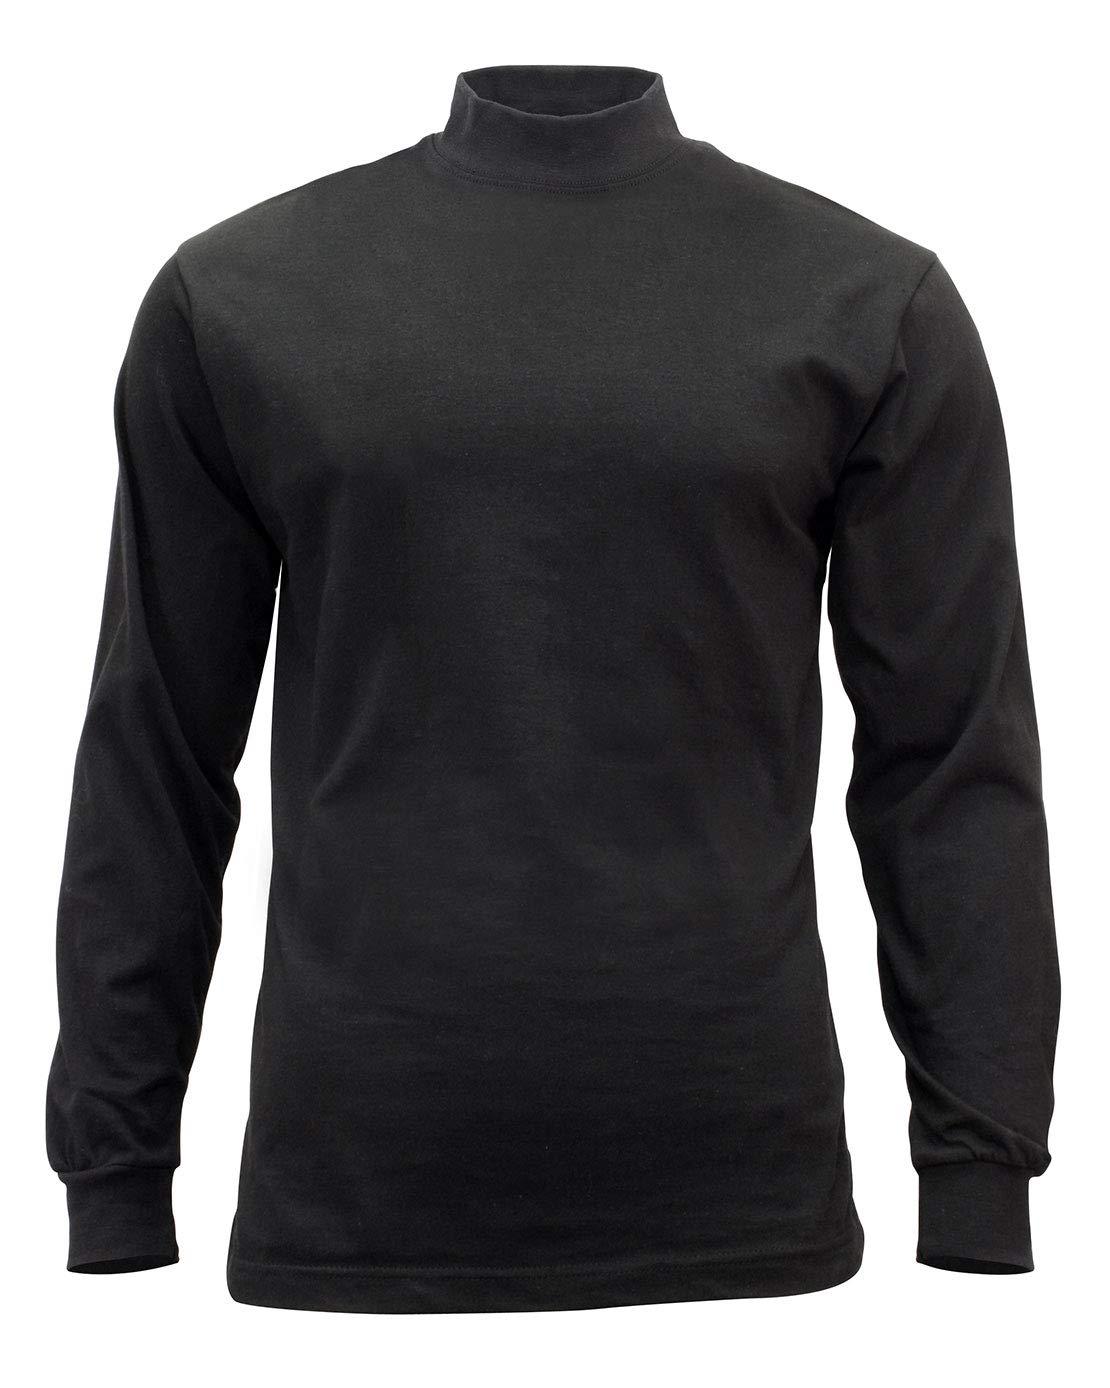 Rothco Mock Turtleneck, 4XL, Black